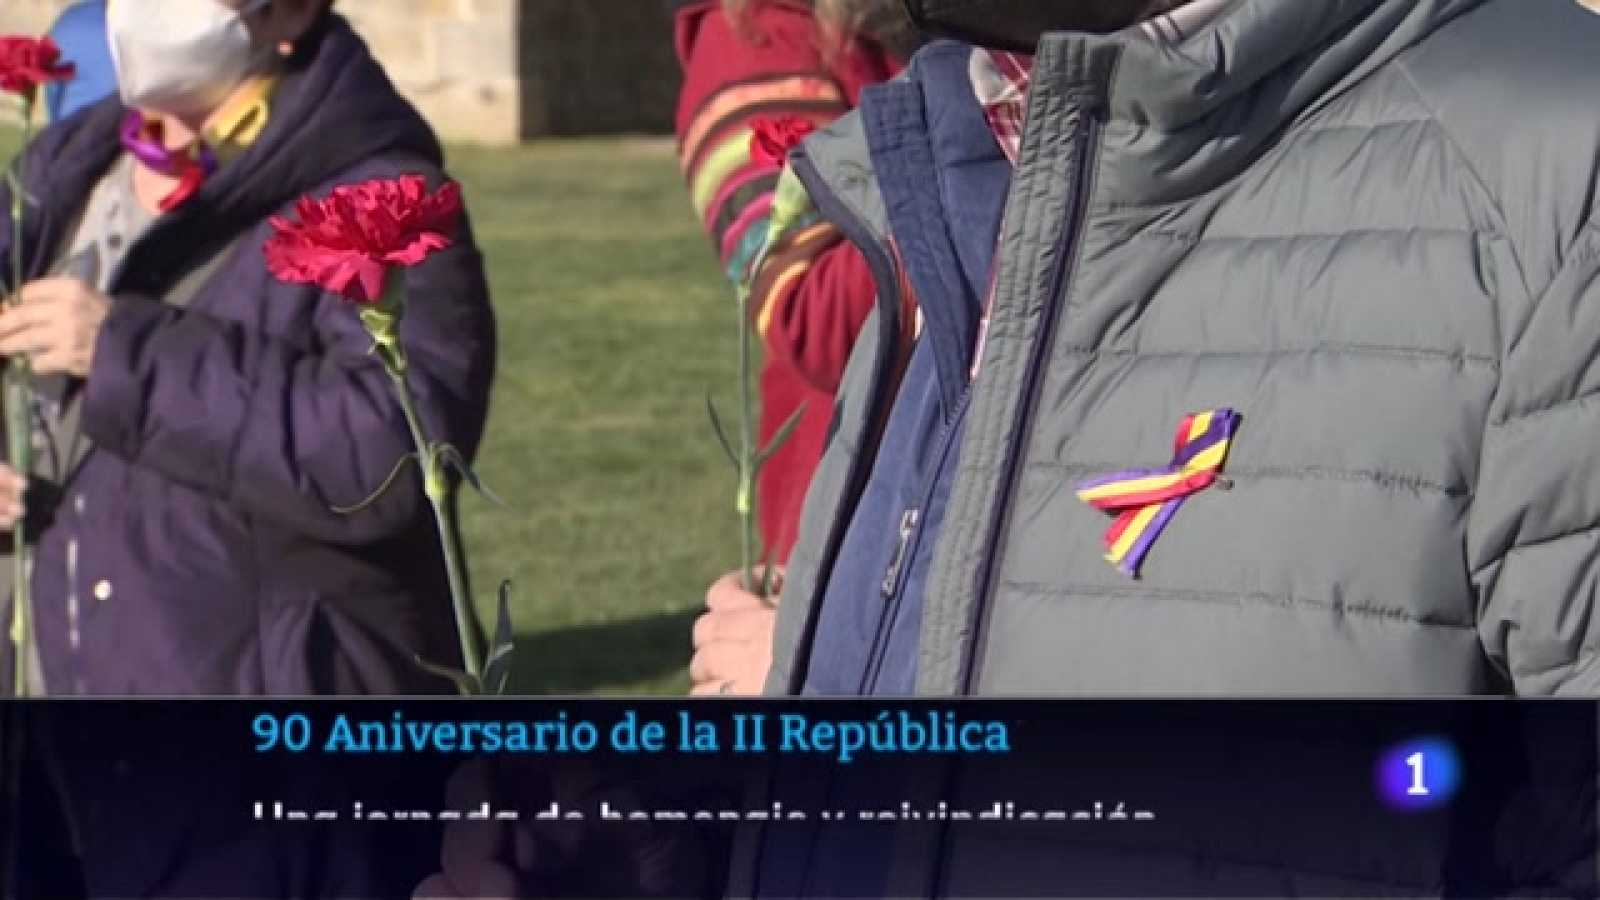 Aniversario de la República